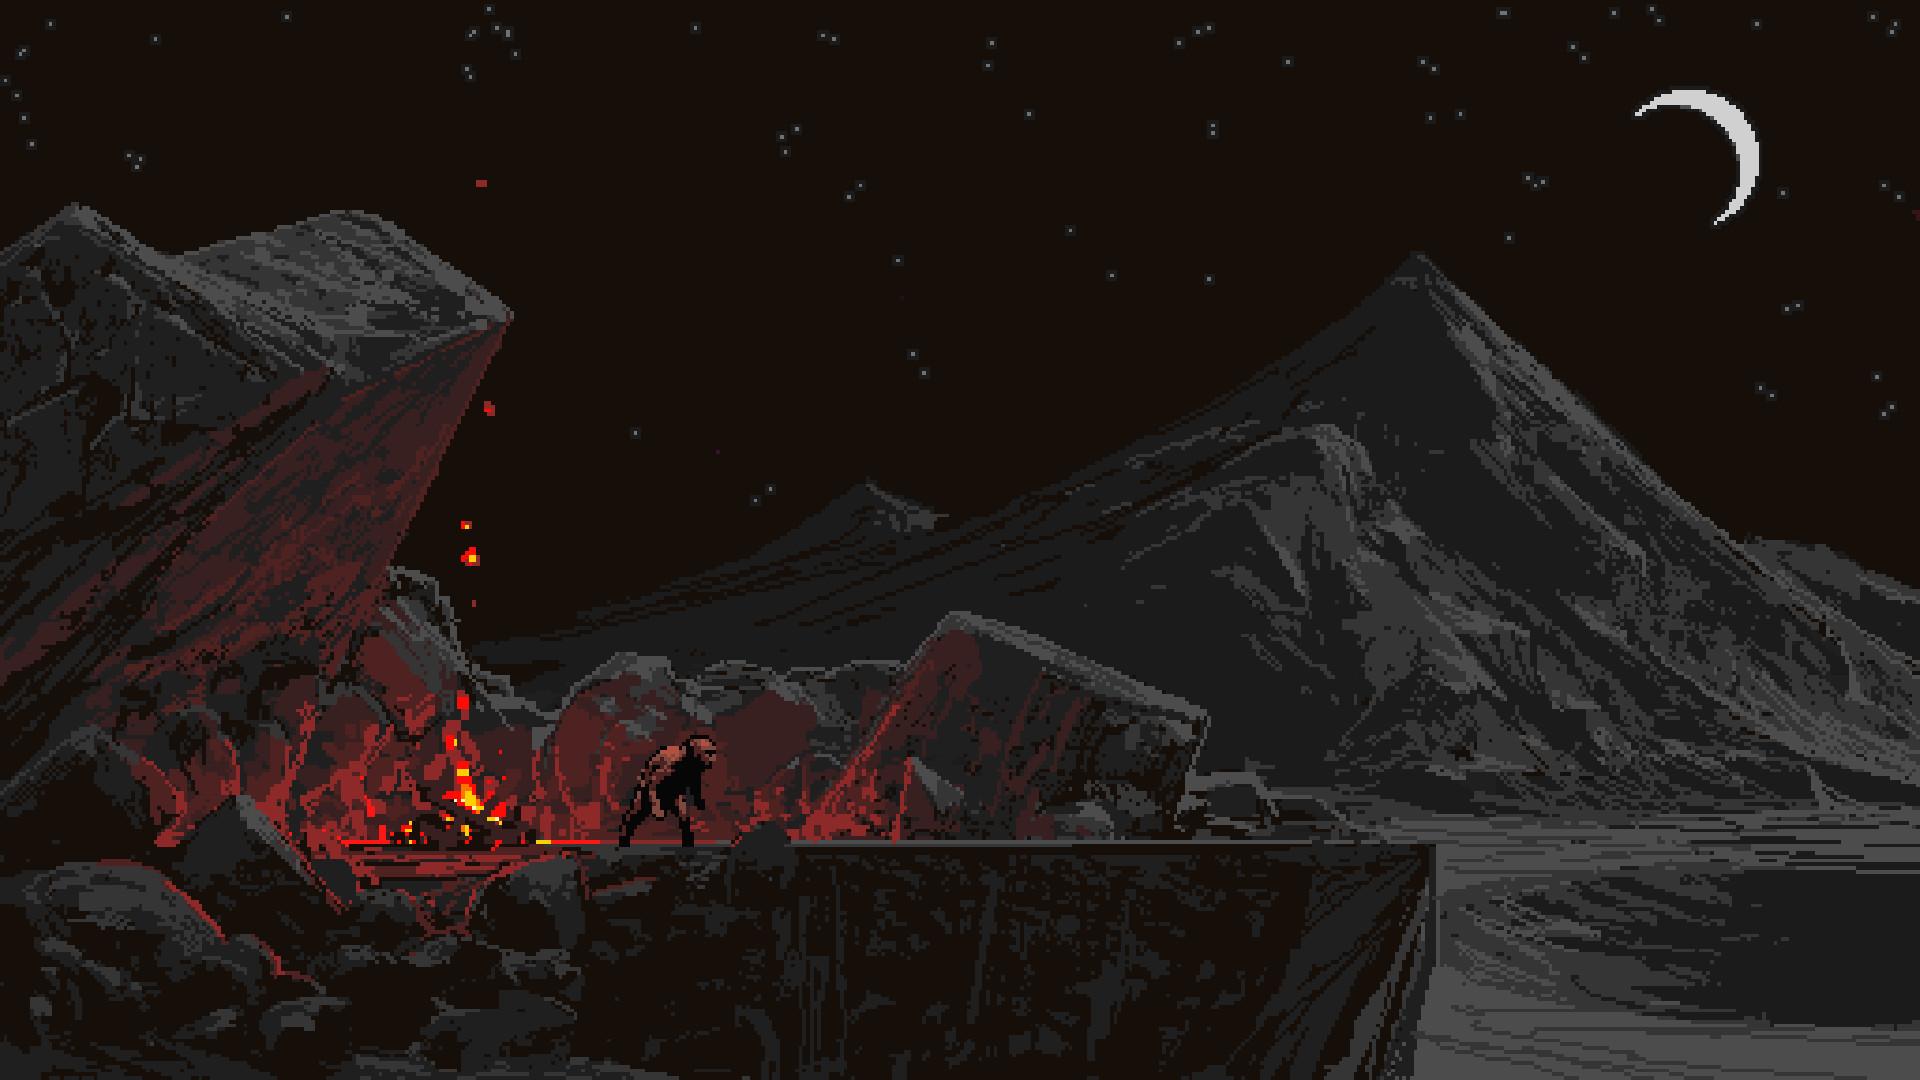 Pixel Art Wallpapers (77+ images)